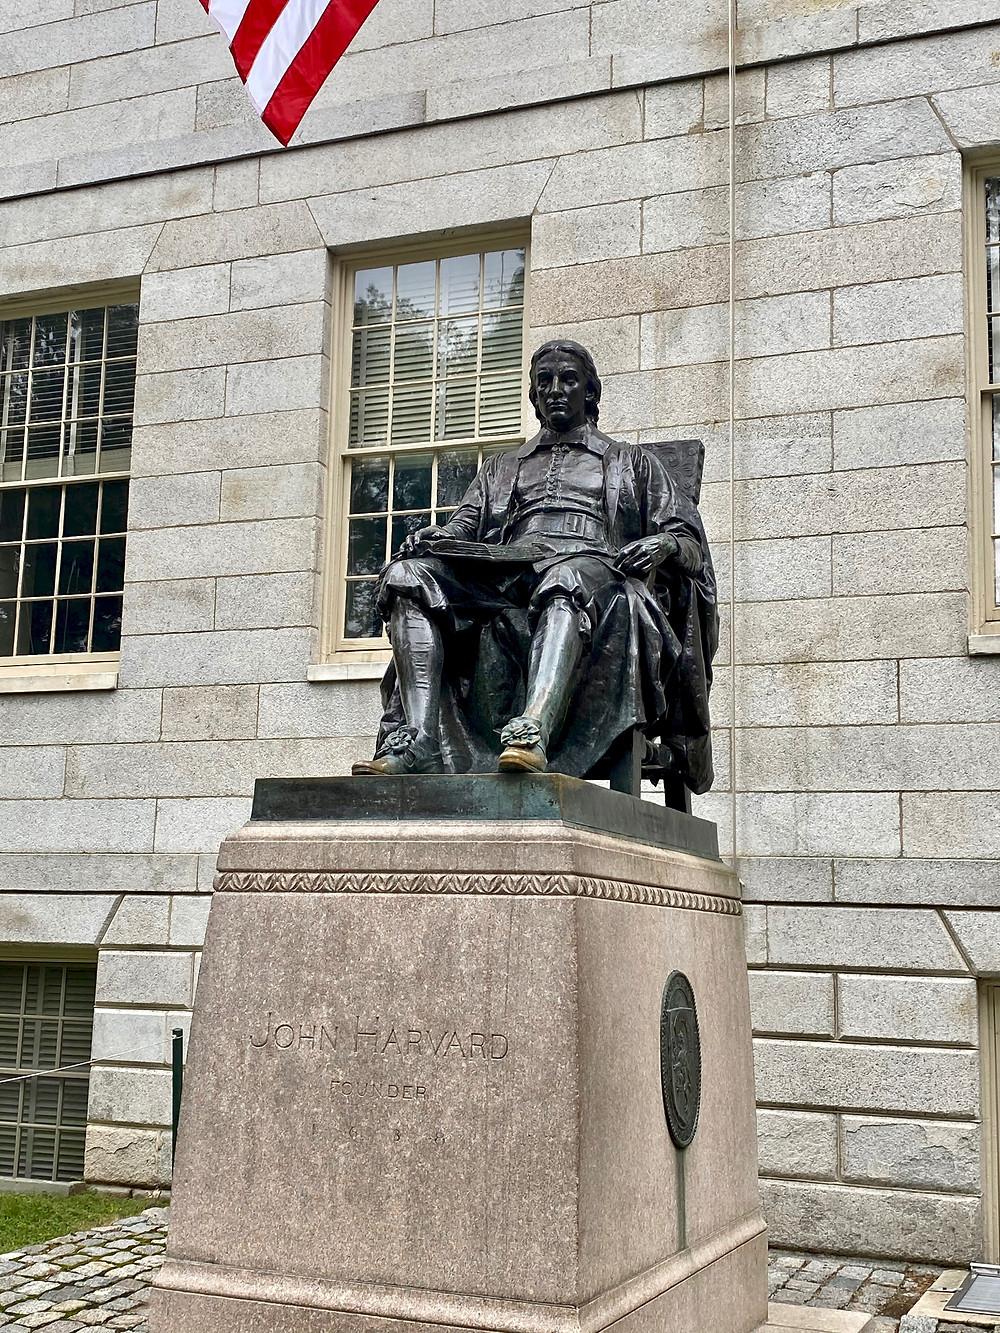 statue of John Harvard in Harvard Yard